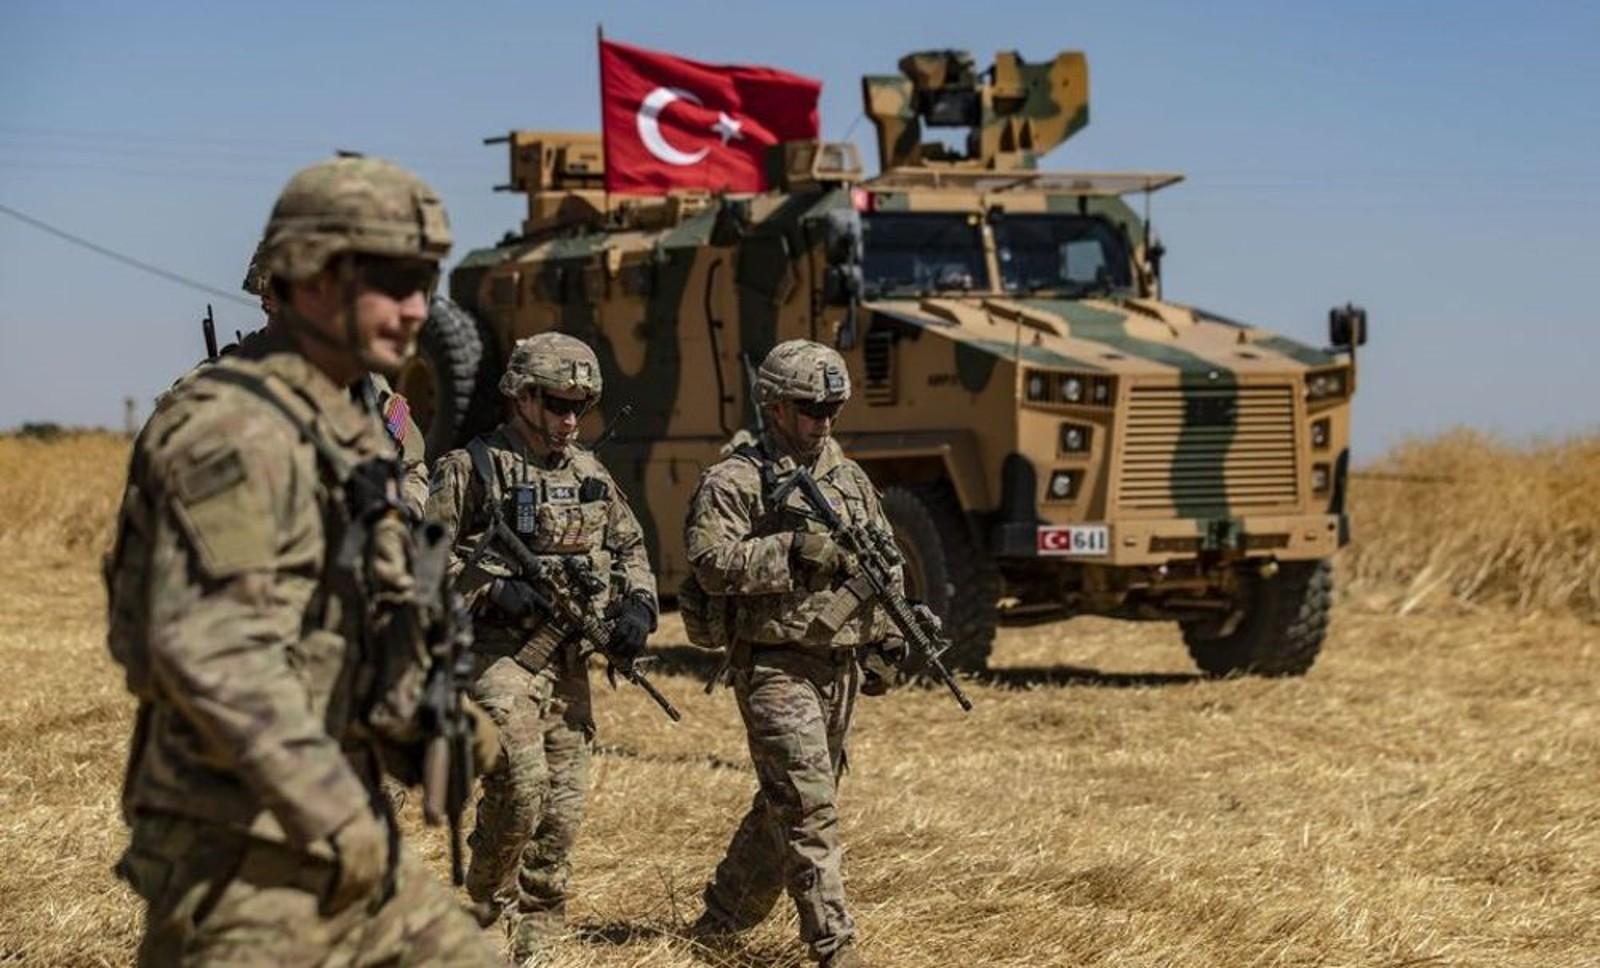 Los rebeldes apoyados por Turquía dejan un rastro de abusos y criminalidad en Siria